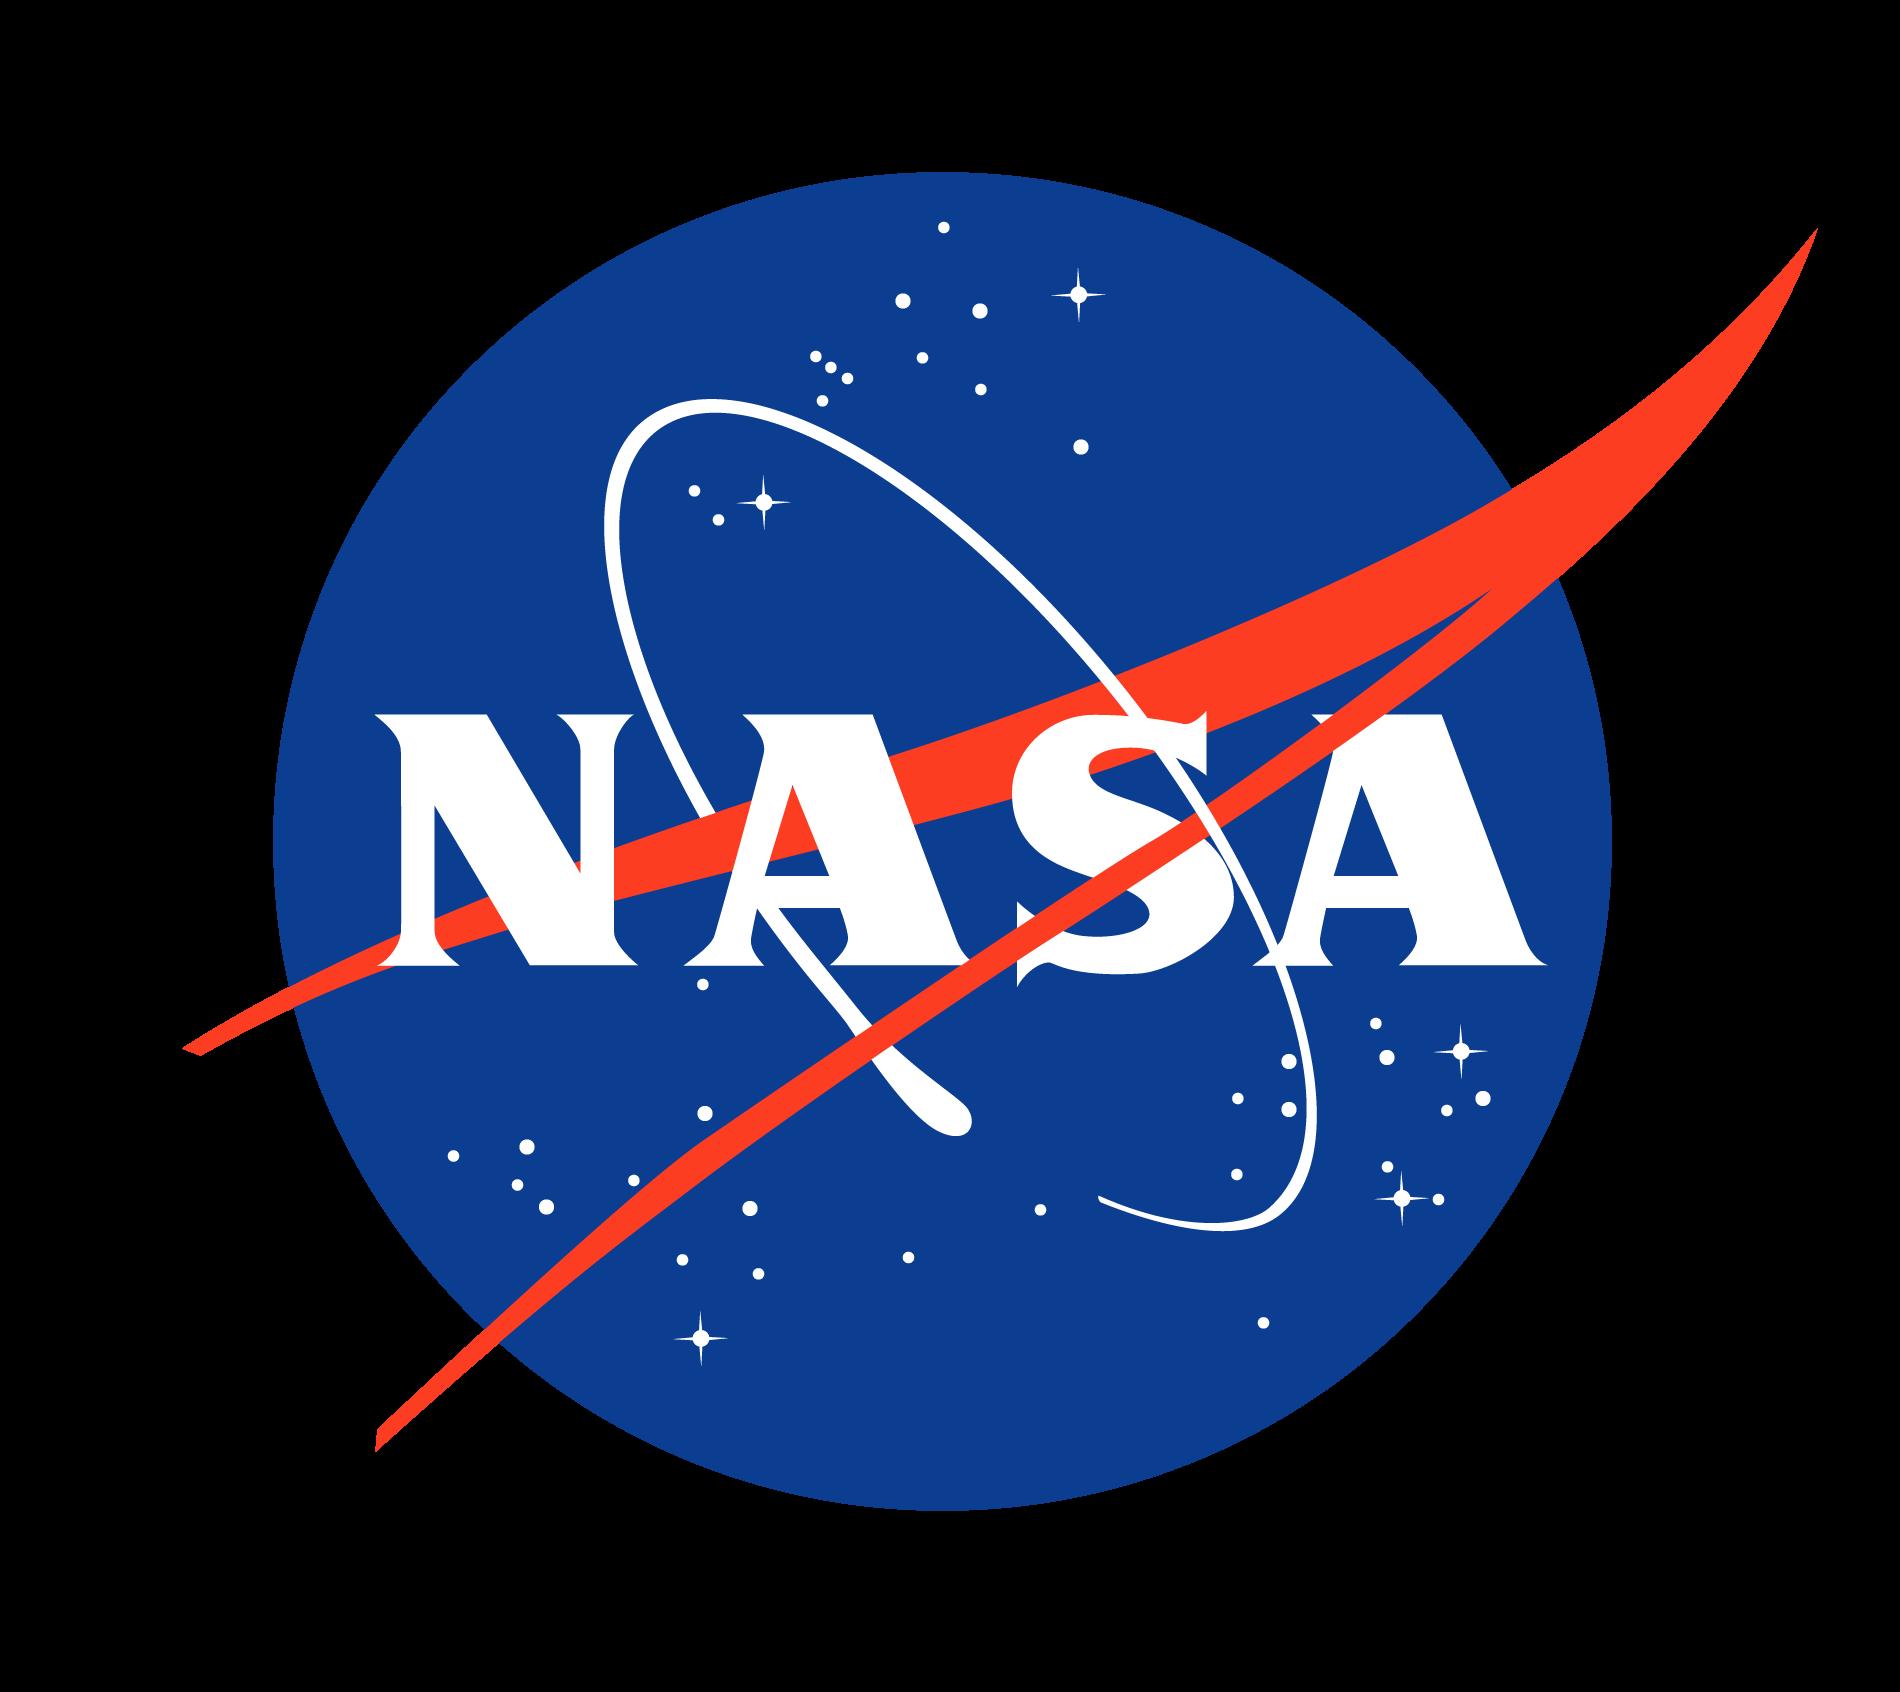 nasa-logo-2